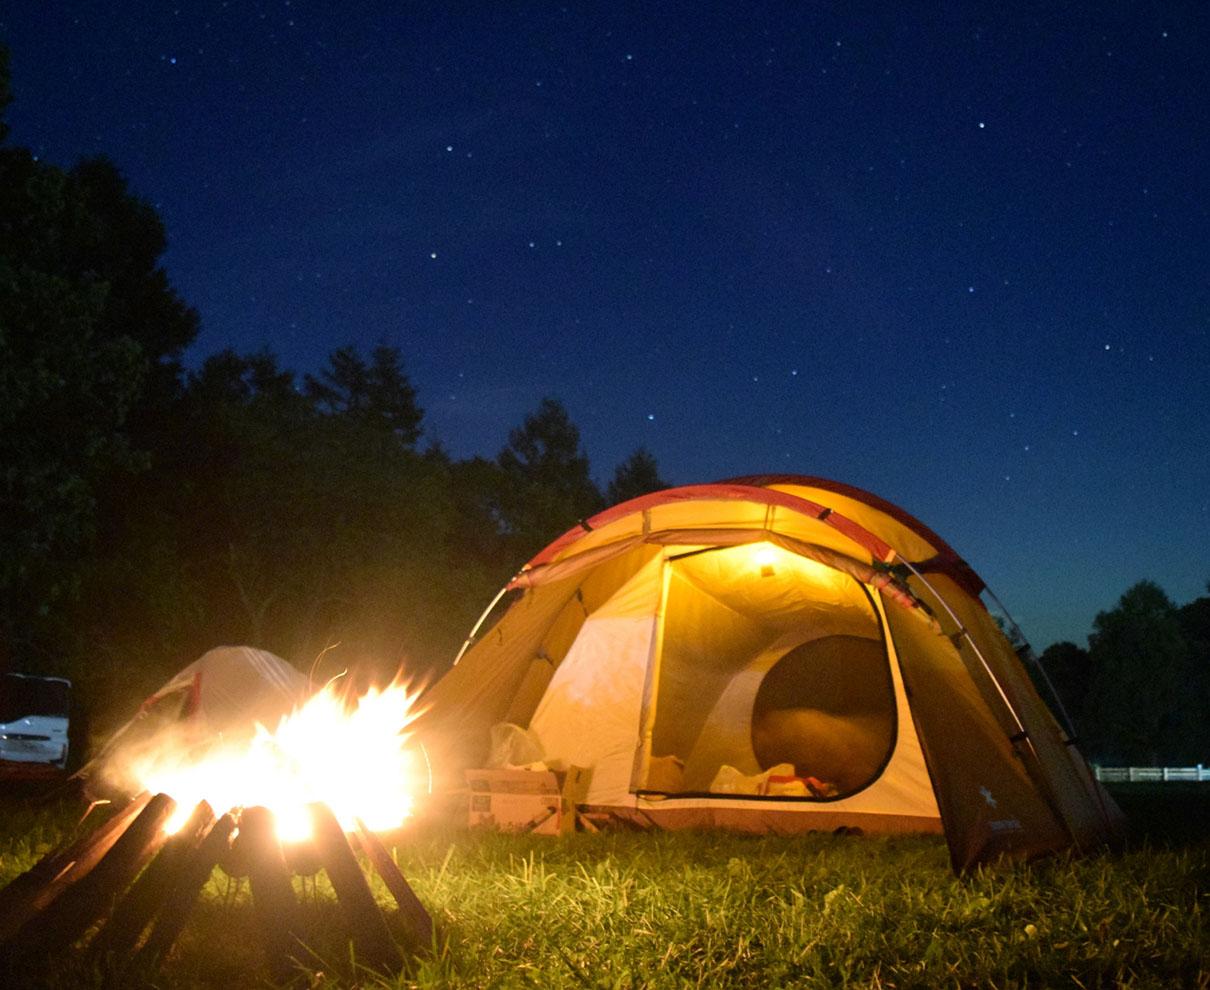 初心者おススメ!キャンプをおしゃれで快適に楽しむならイマでしょ!